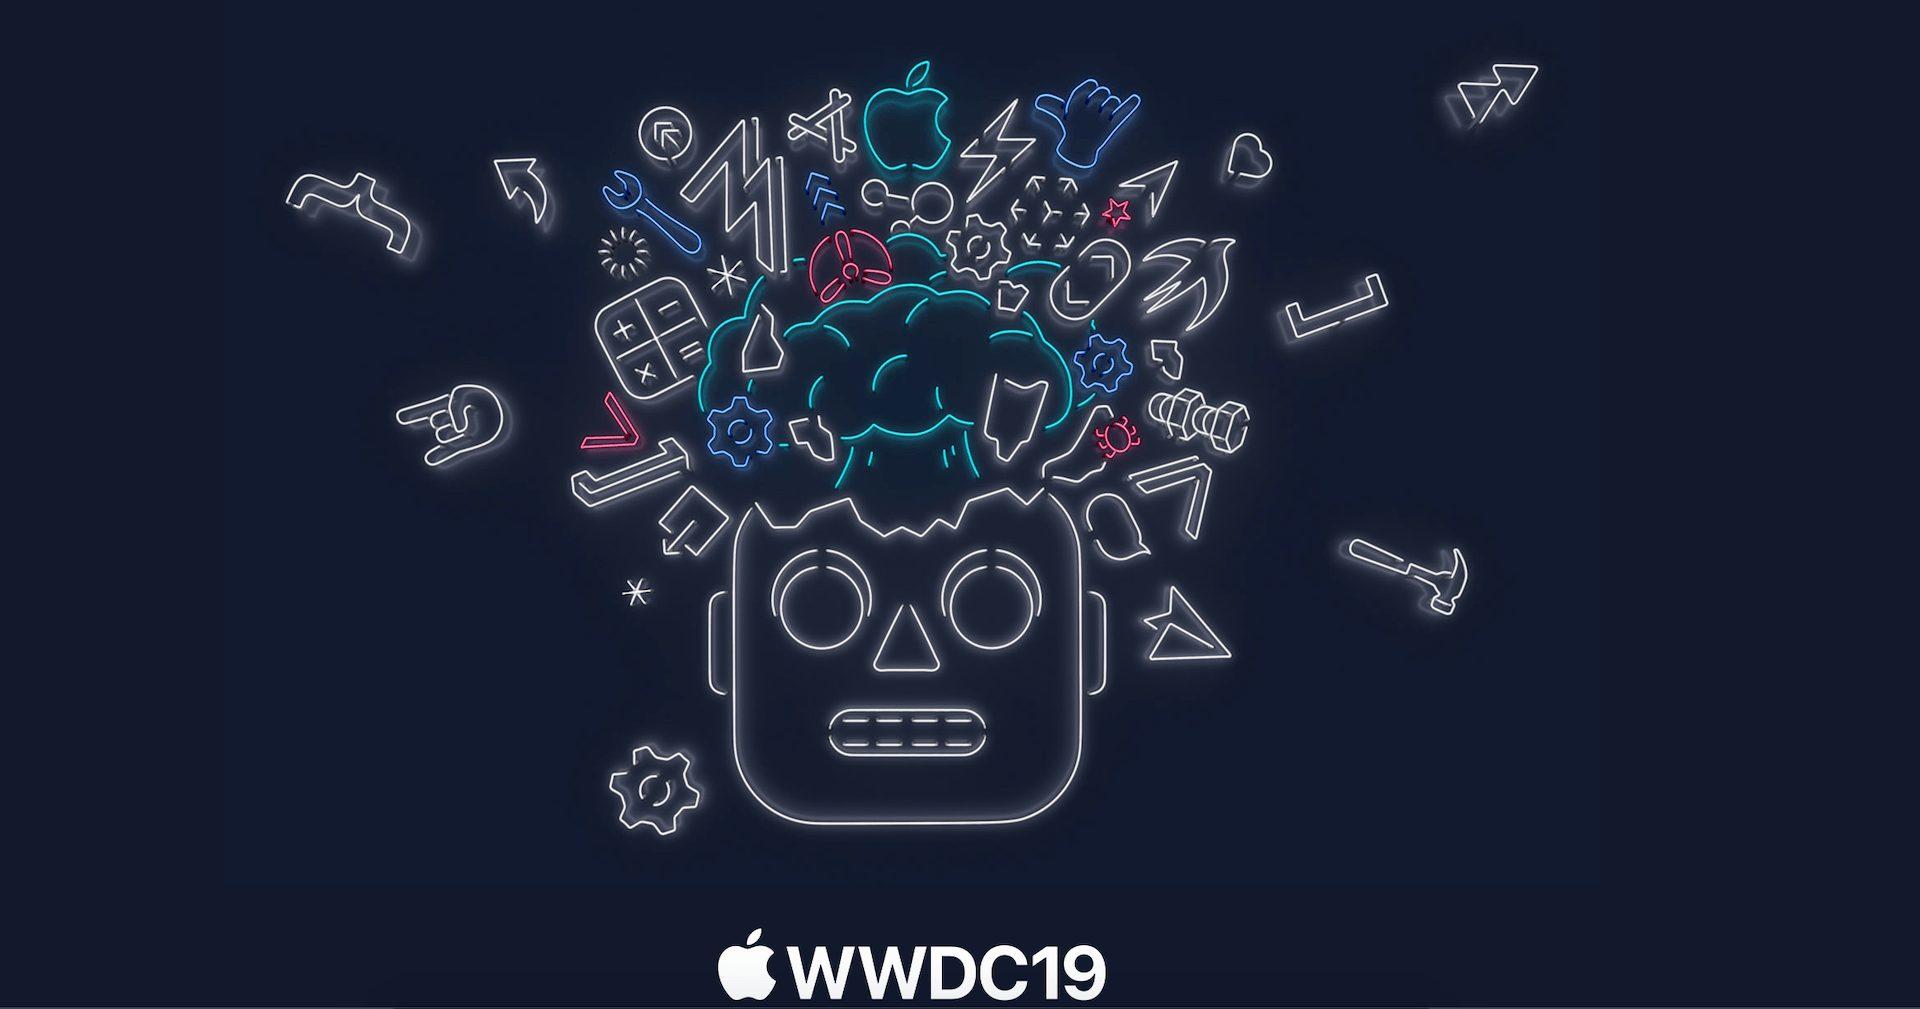 Quoi de neuf pour les développeurs Apple ?